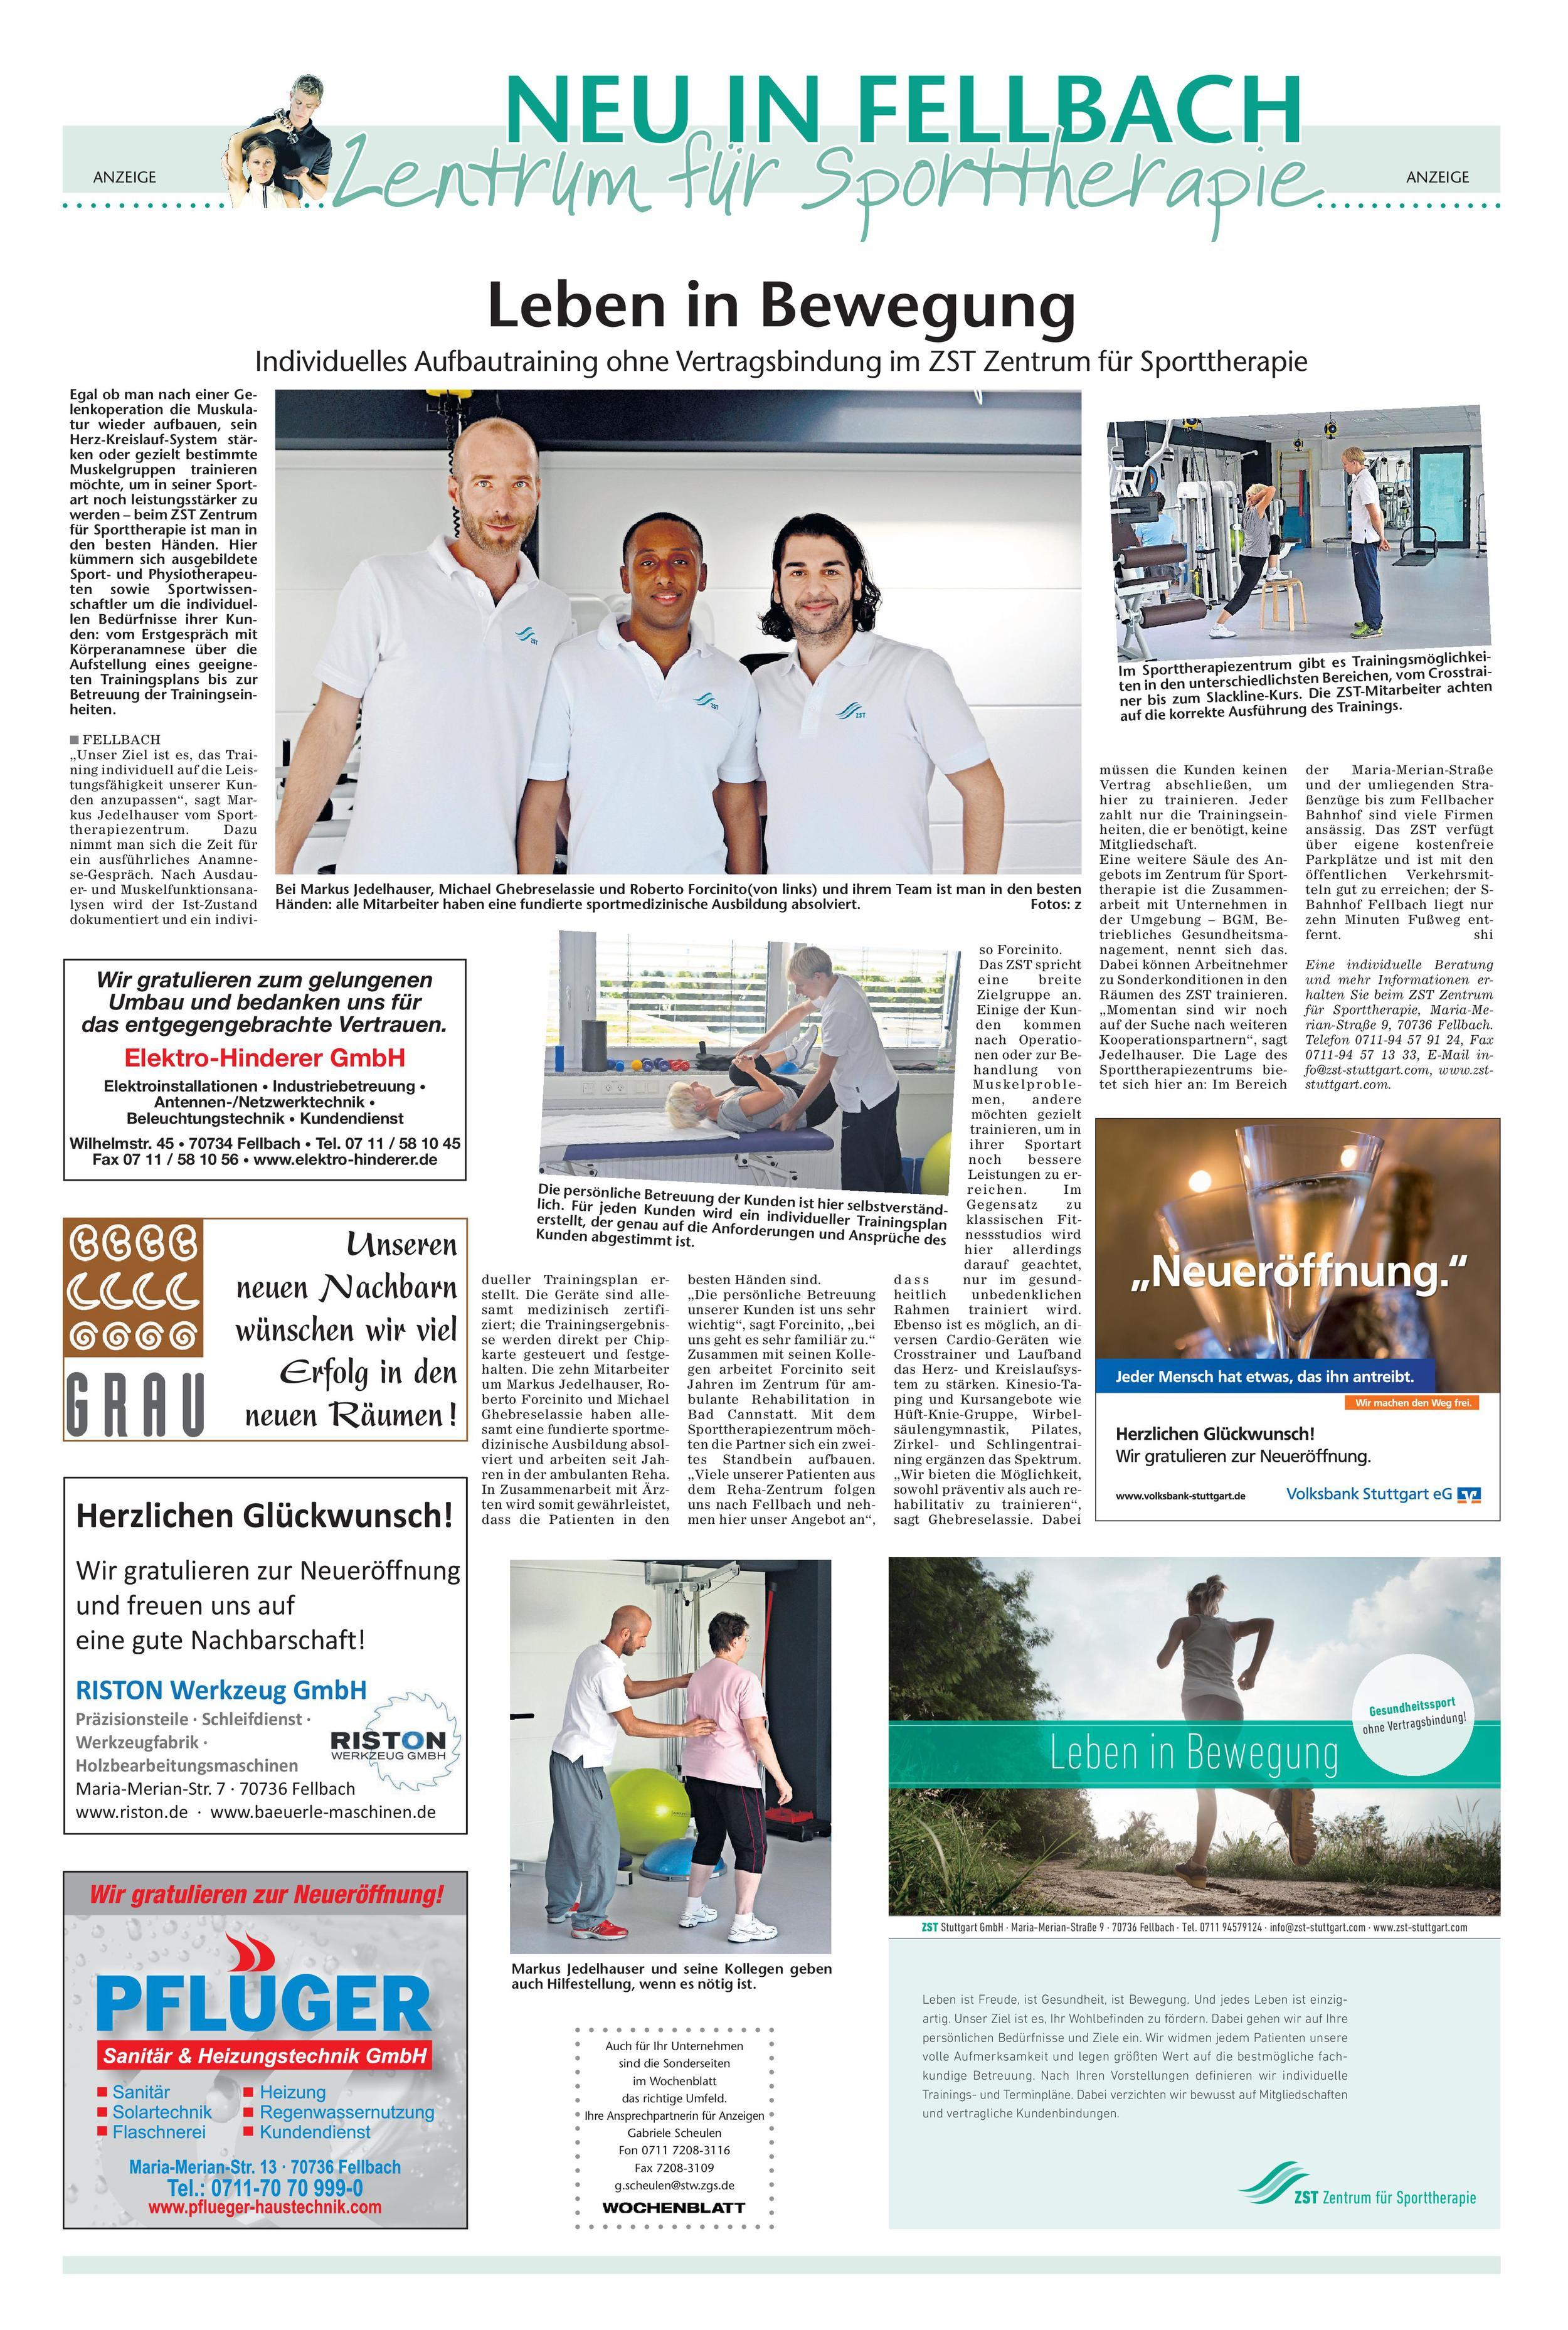 Artikel Fellbacher Wochenblatt 14.08.2014